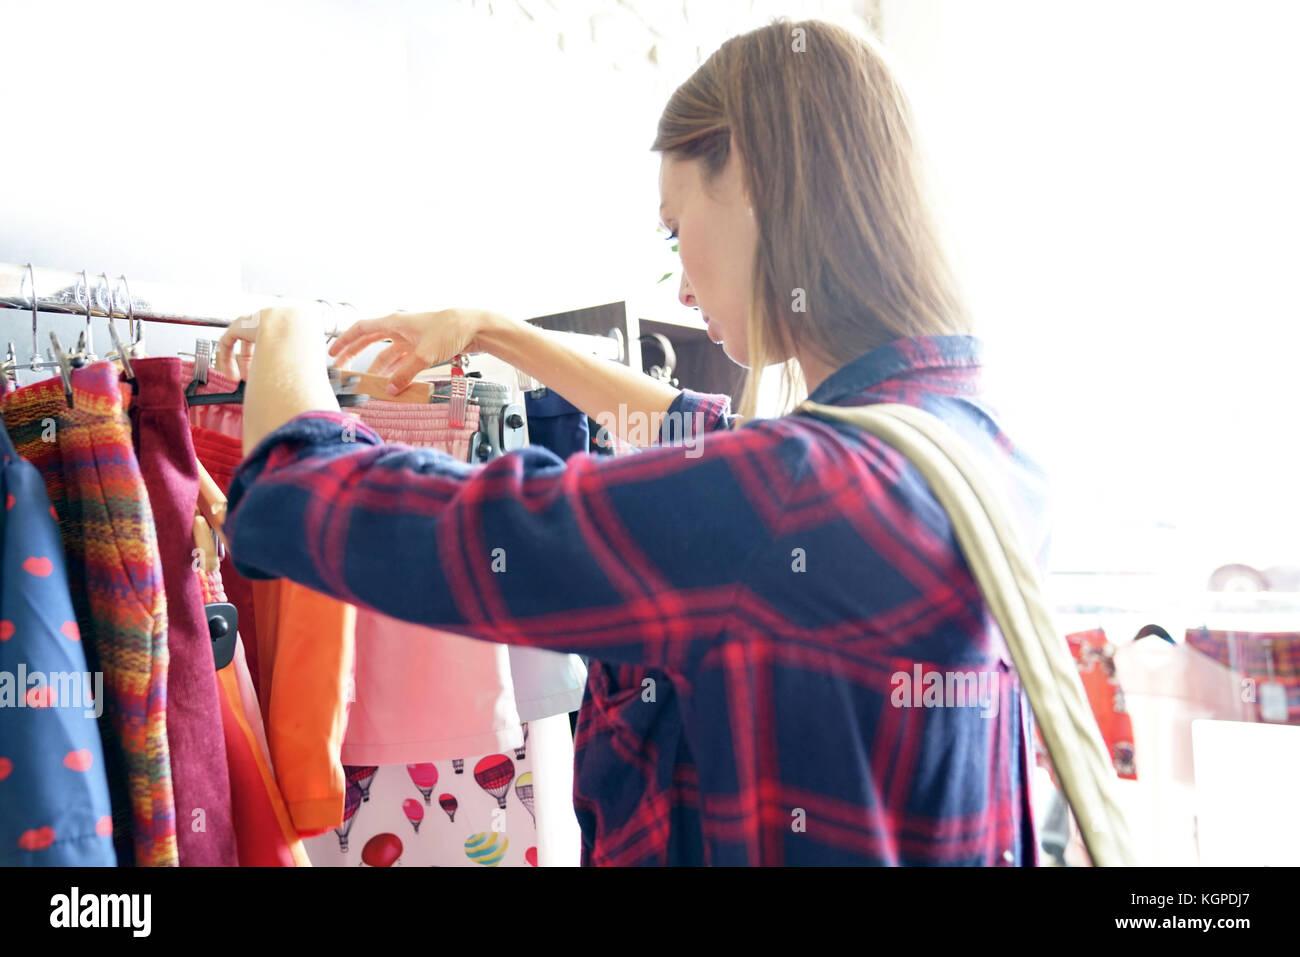 En la tienda de ropa de la mujer, día de compras Imagen De Stock